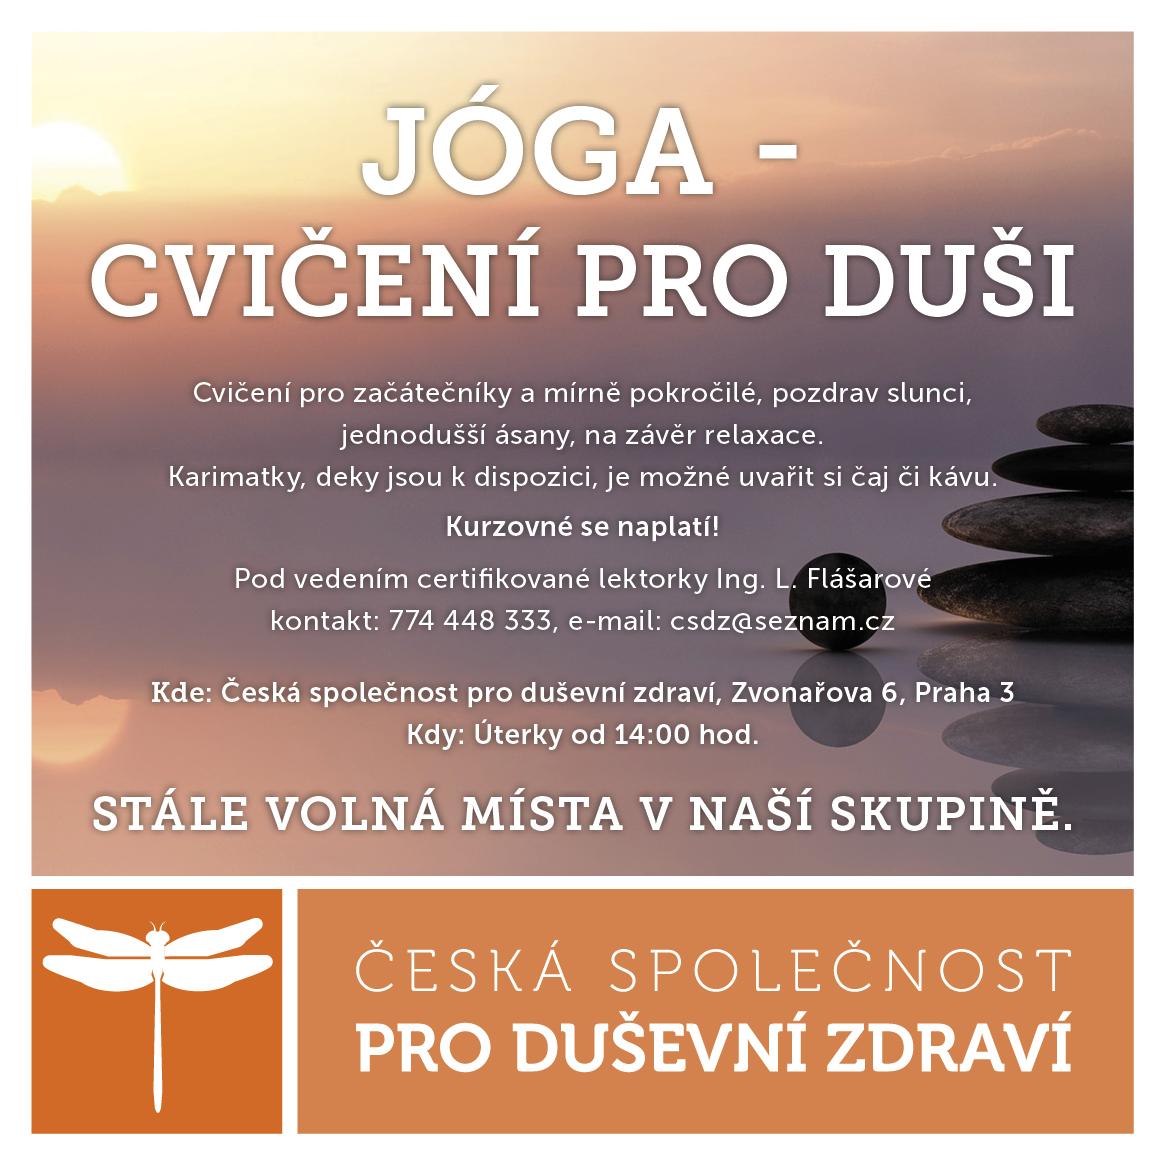 148x148_letacek_JOGA2_1